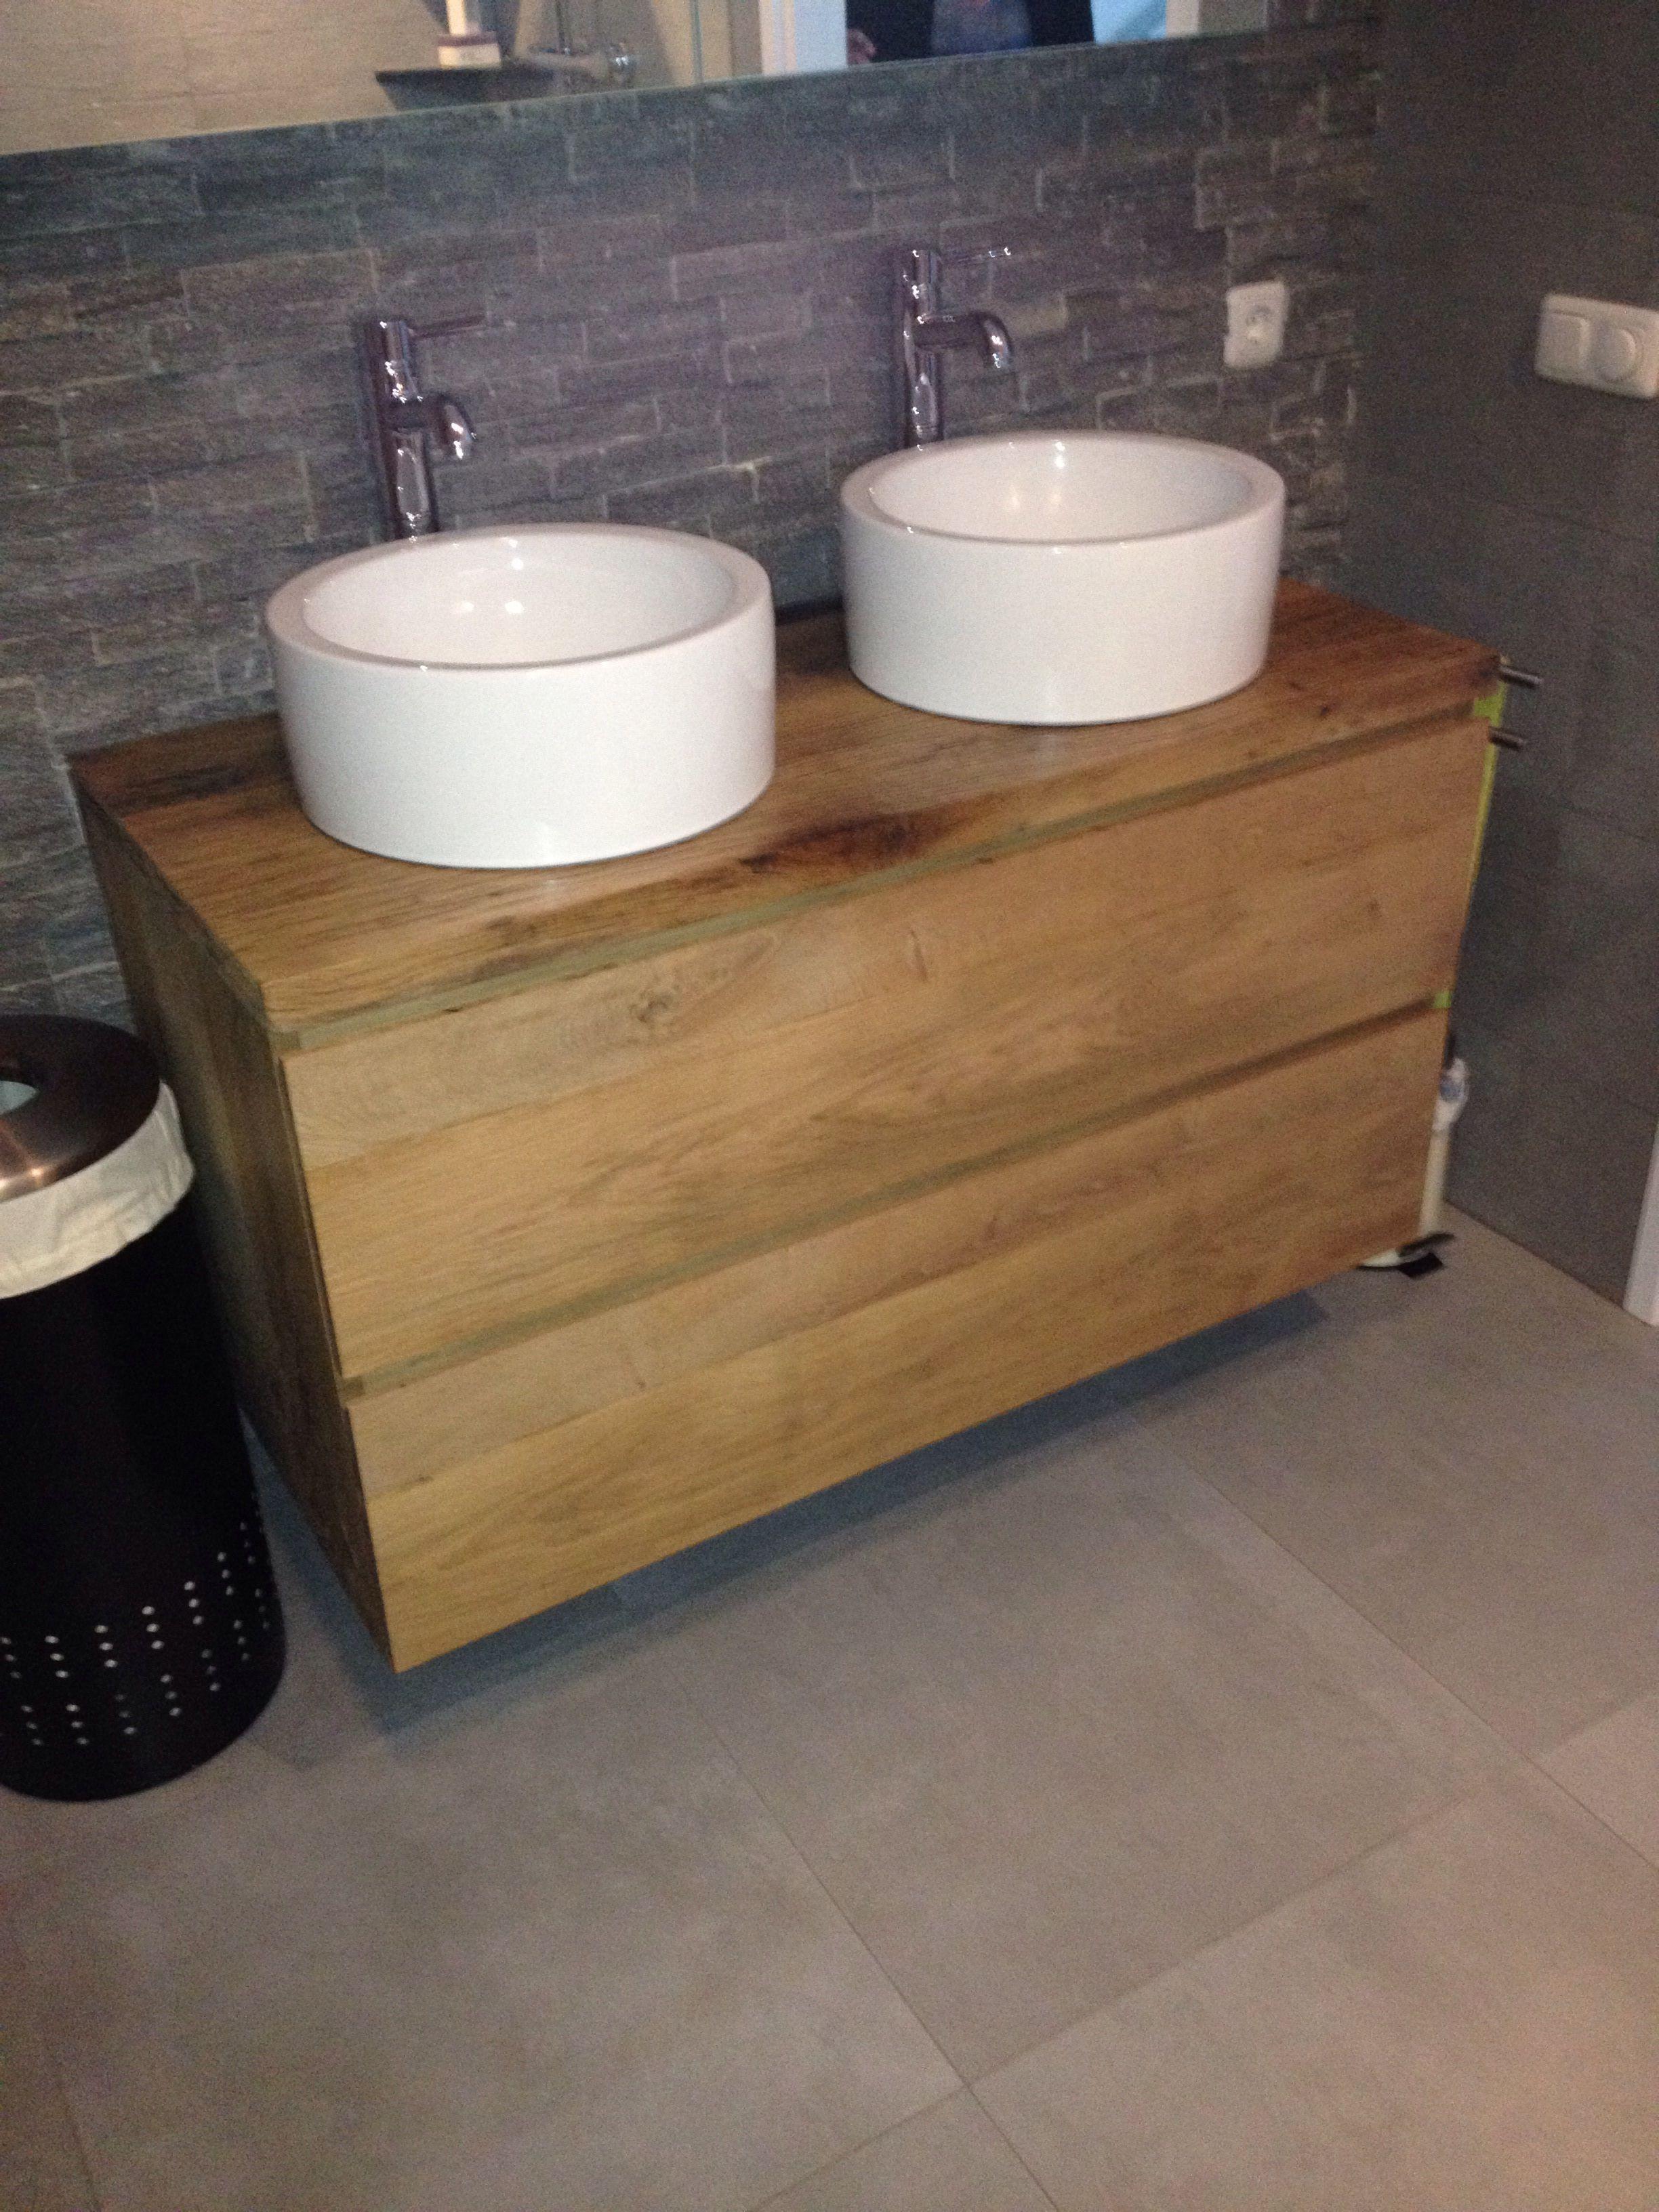 een badkamermeubel van massief eiken met een wagondelen bovenblad